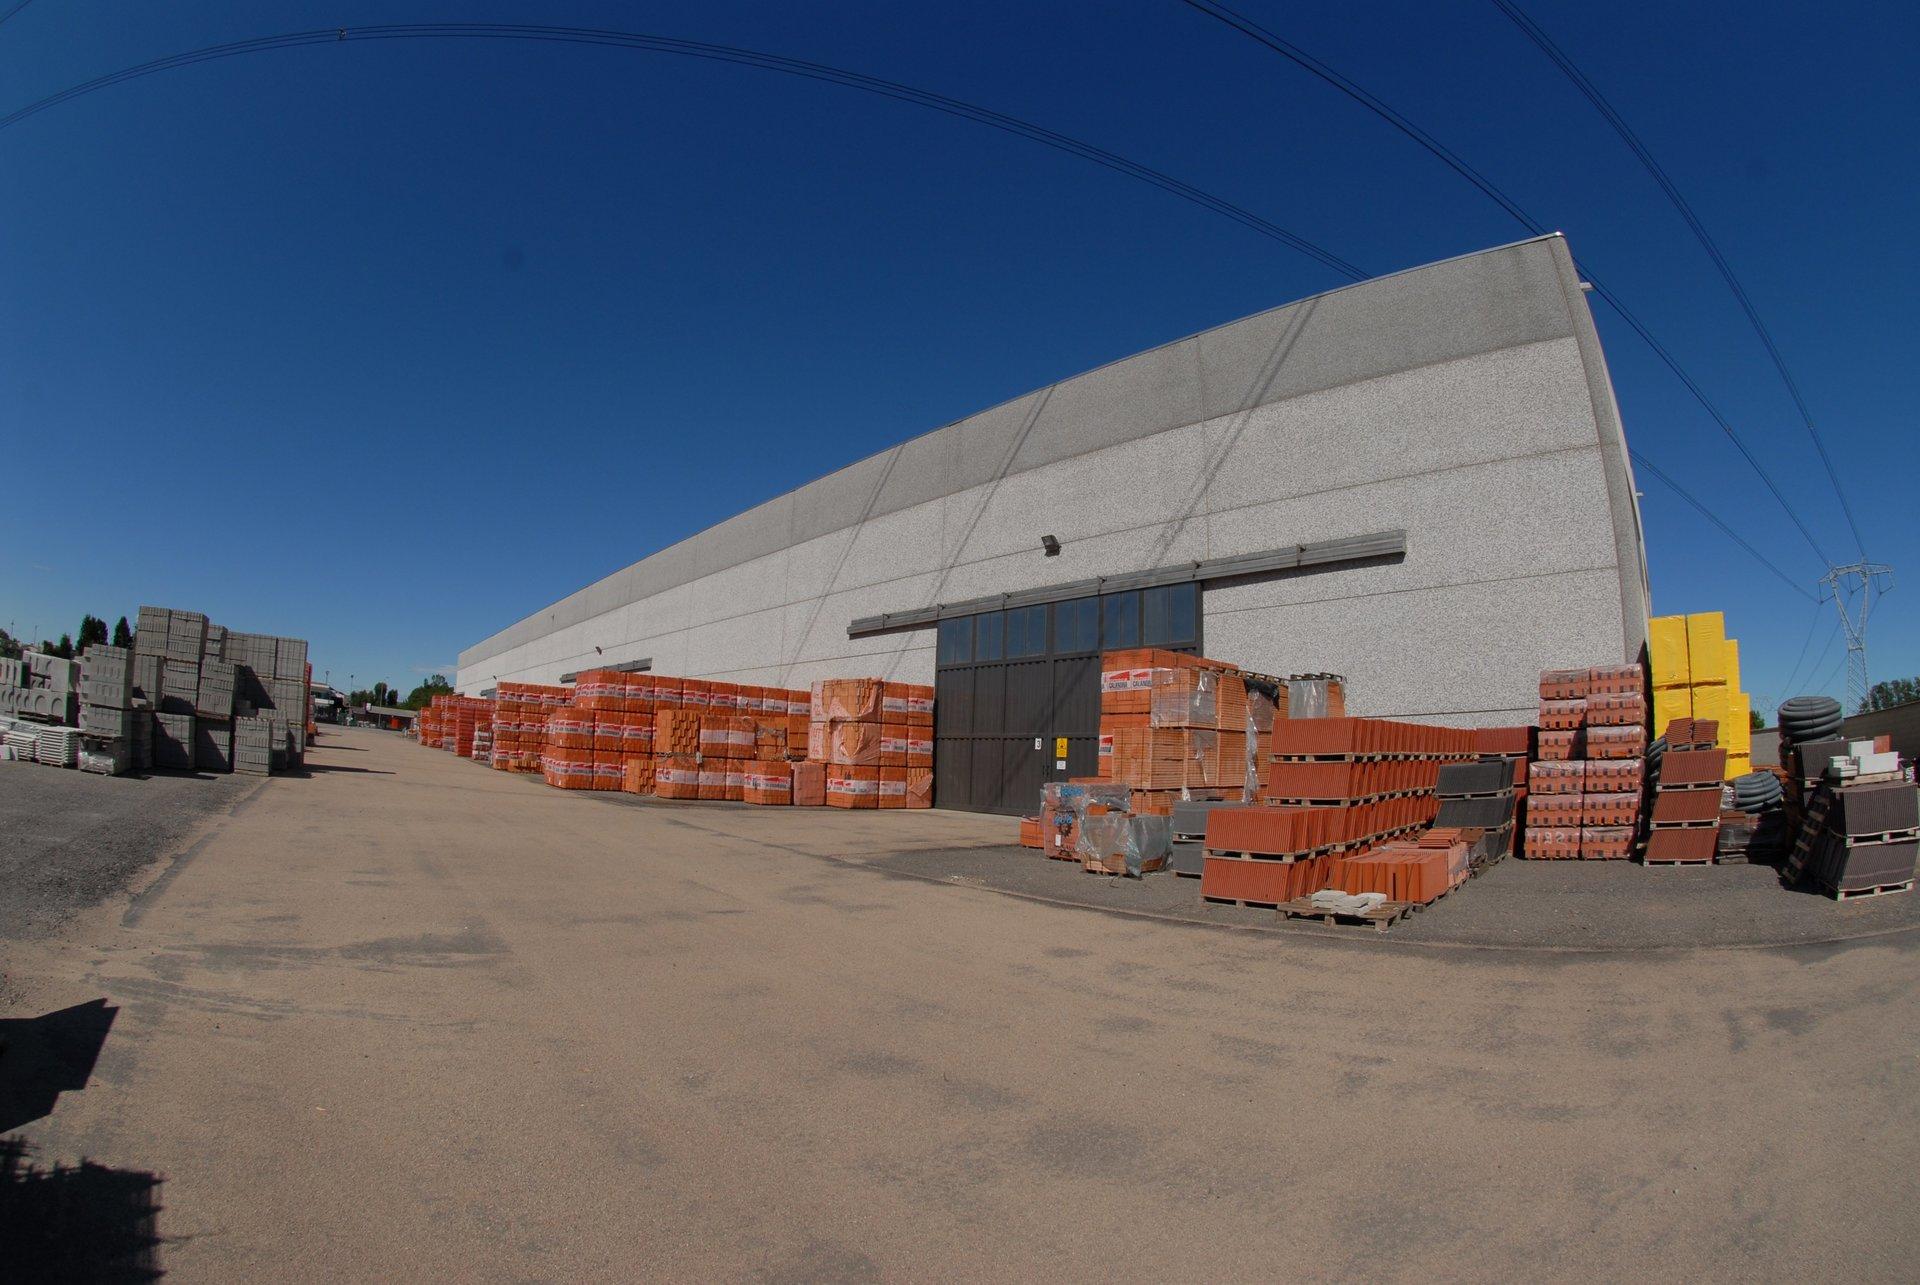 Materiali edili conservati di fronte a uno stabilimento